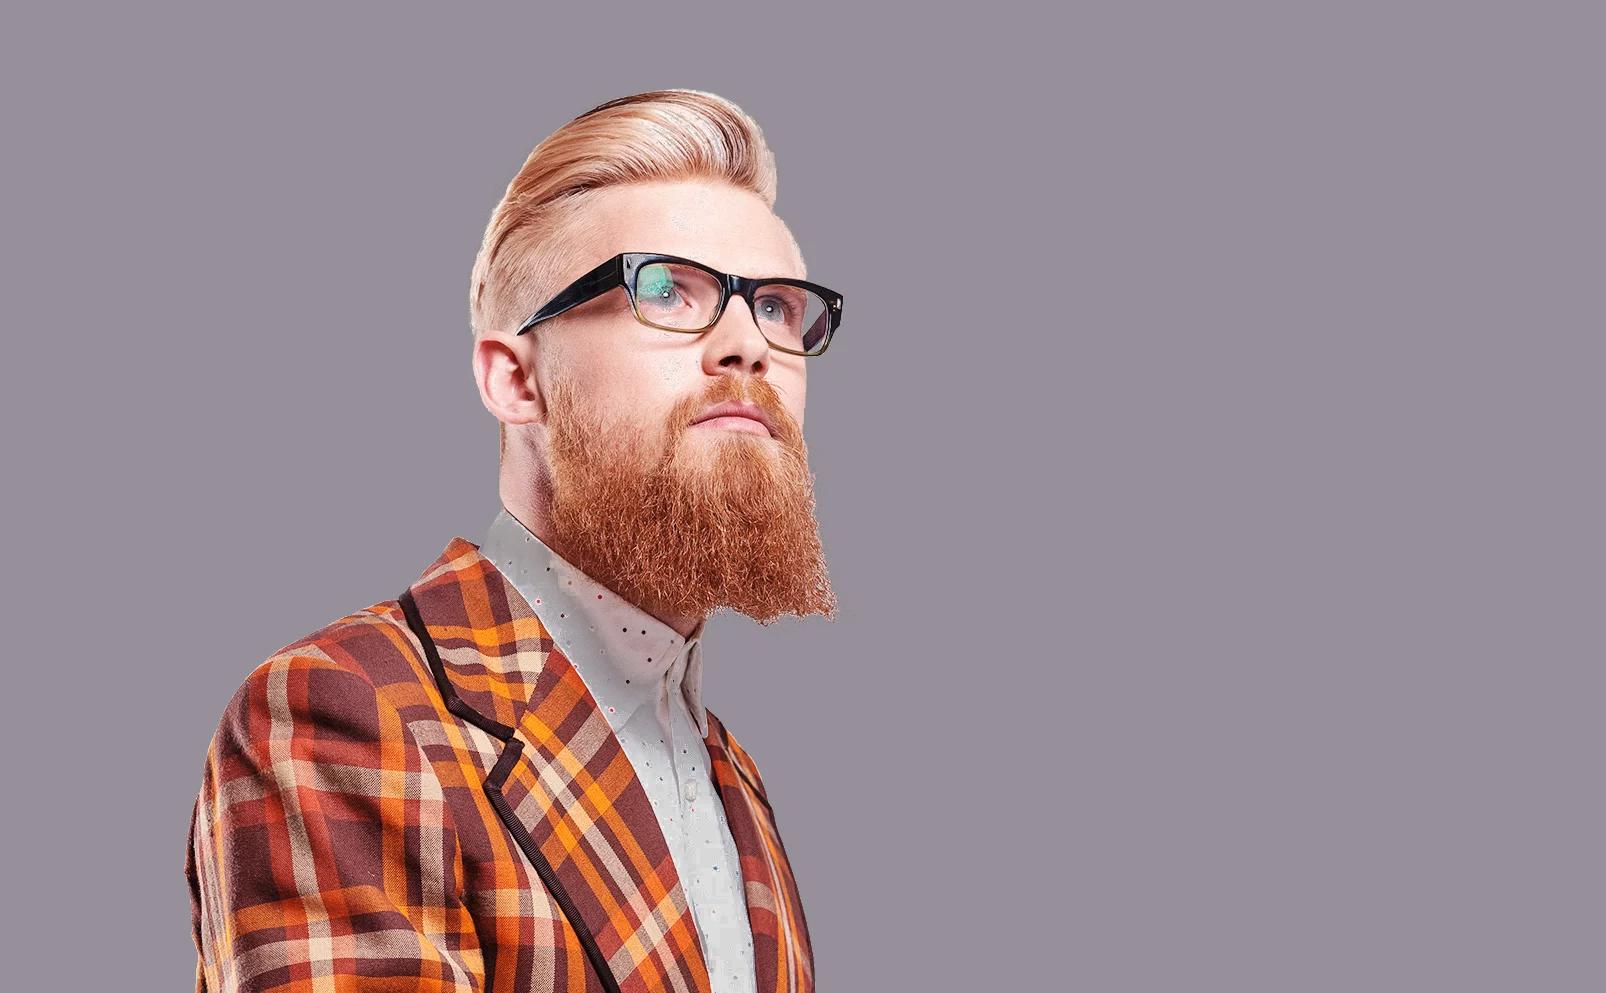 Man hair cut